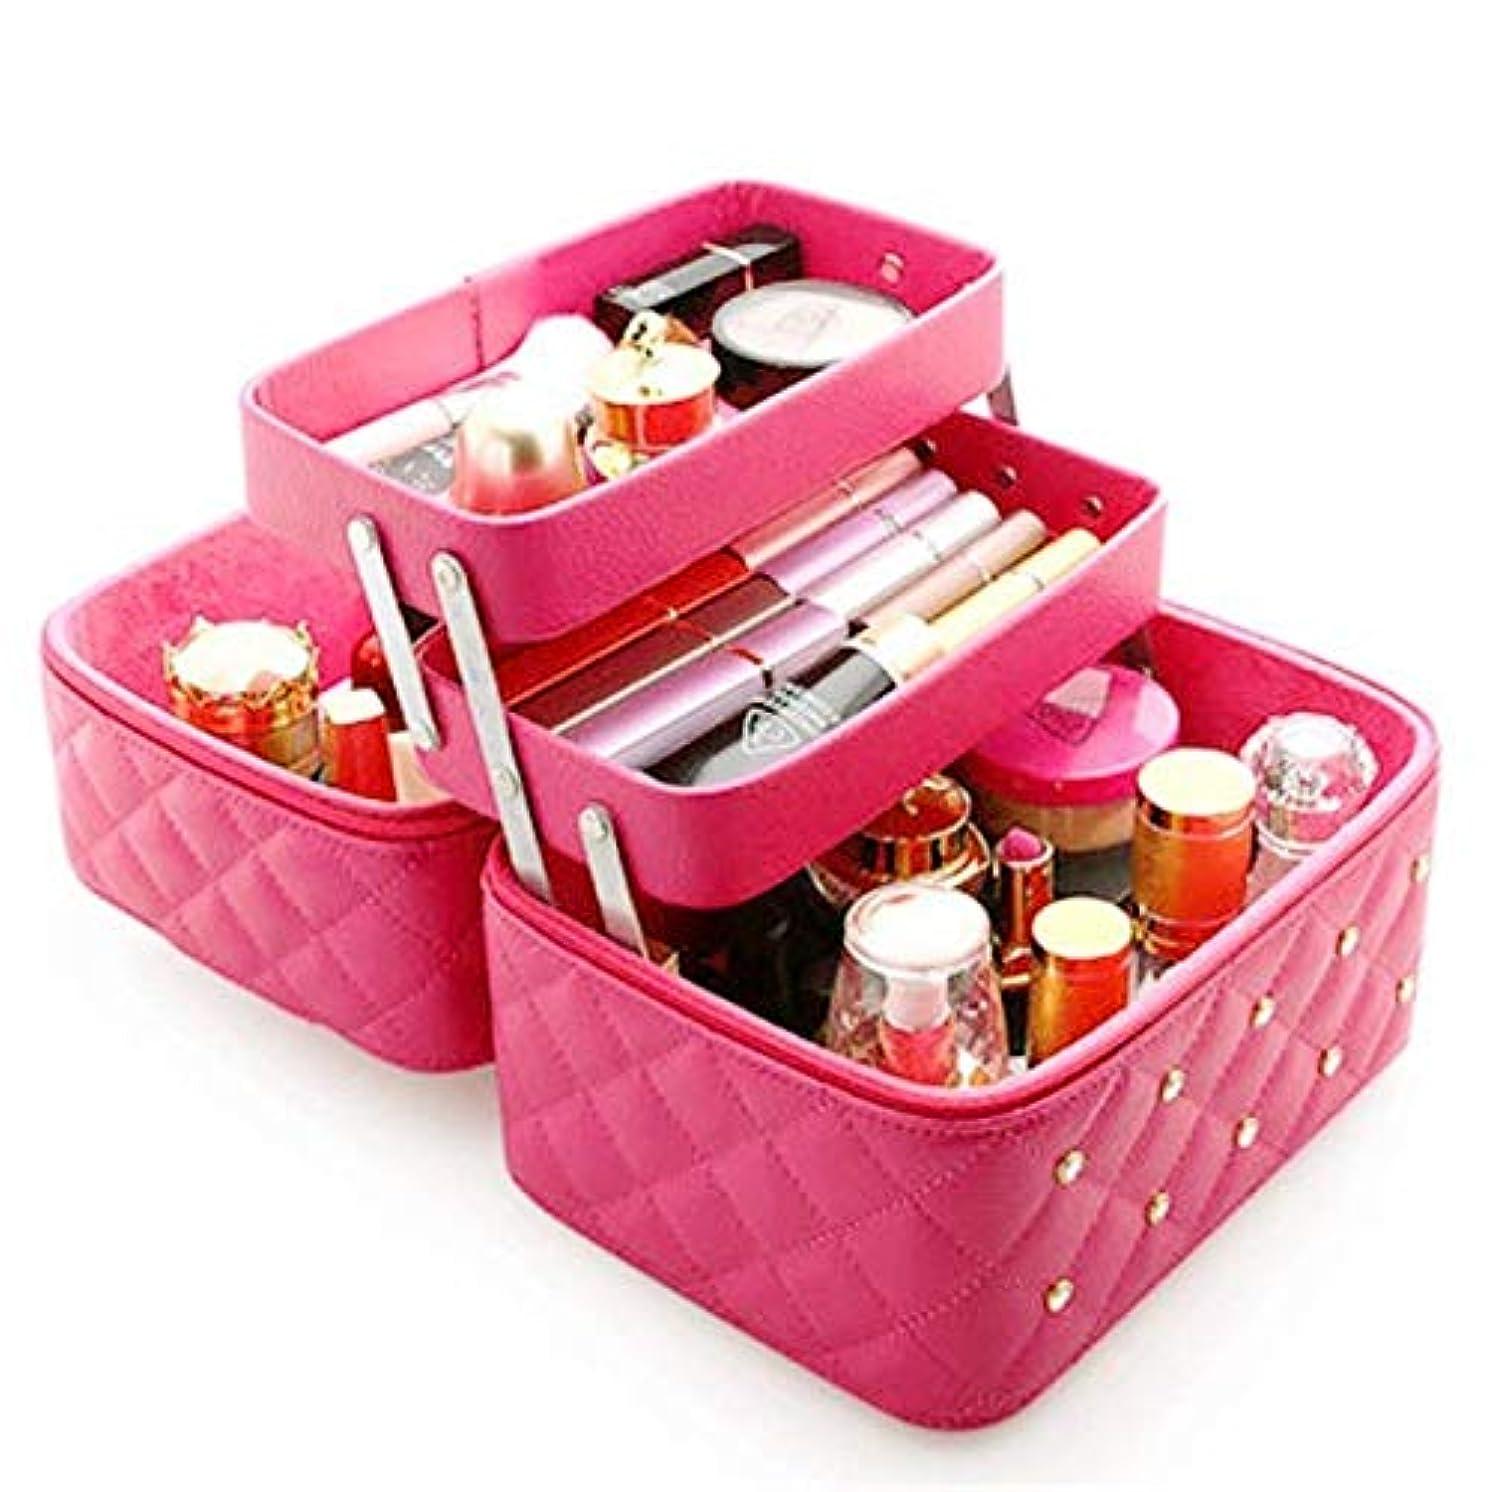 動物包帯肥料持ち運びできる メイクボックス 大容量 取っ手付き コスメボックス 化粧品収納ボックス 収納ケース 小物入れ (ピンク)